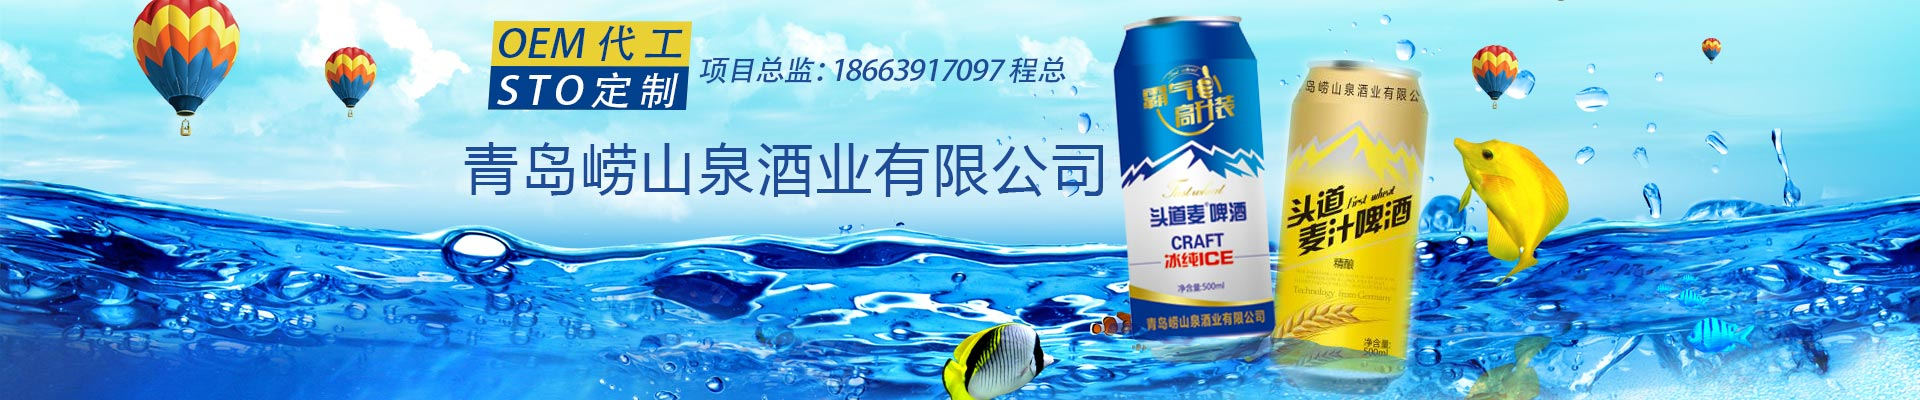 青岛崂山泉啤酒有限公司